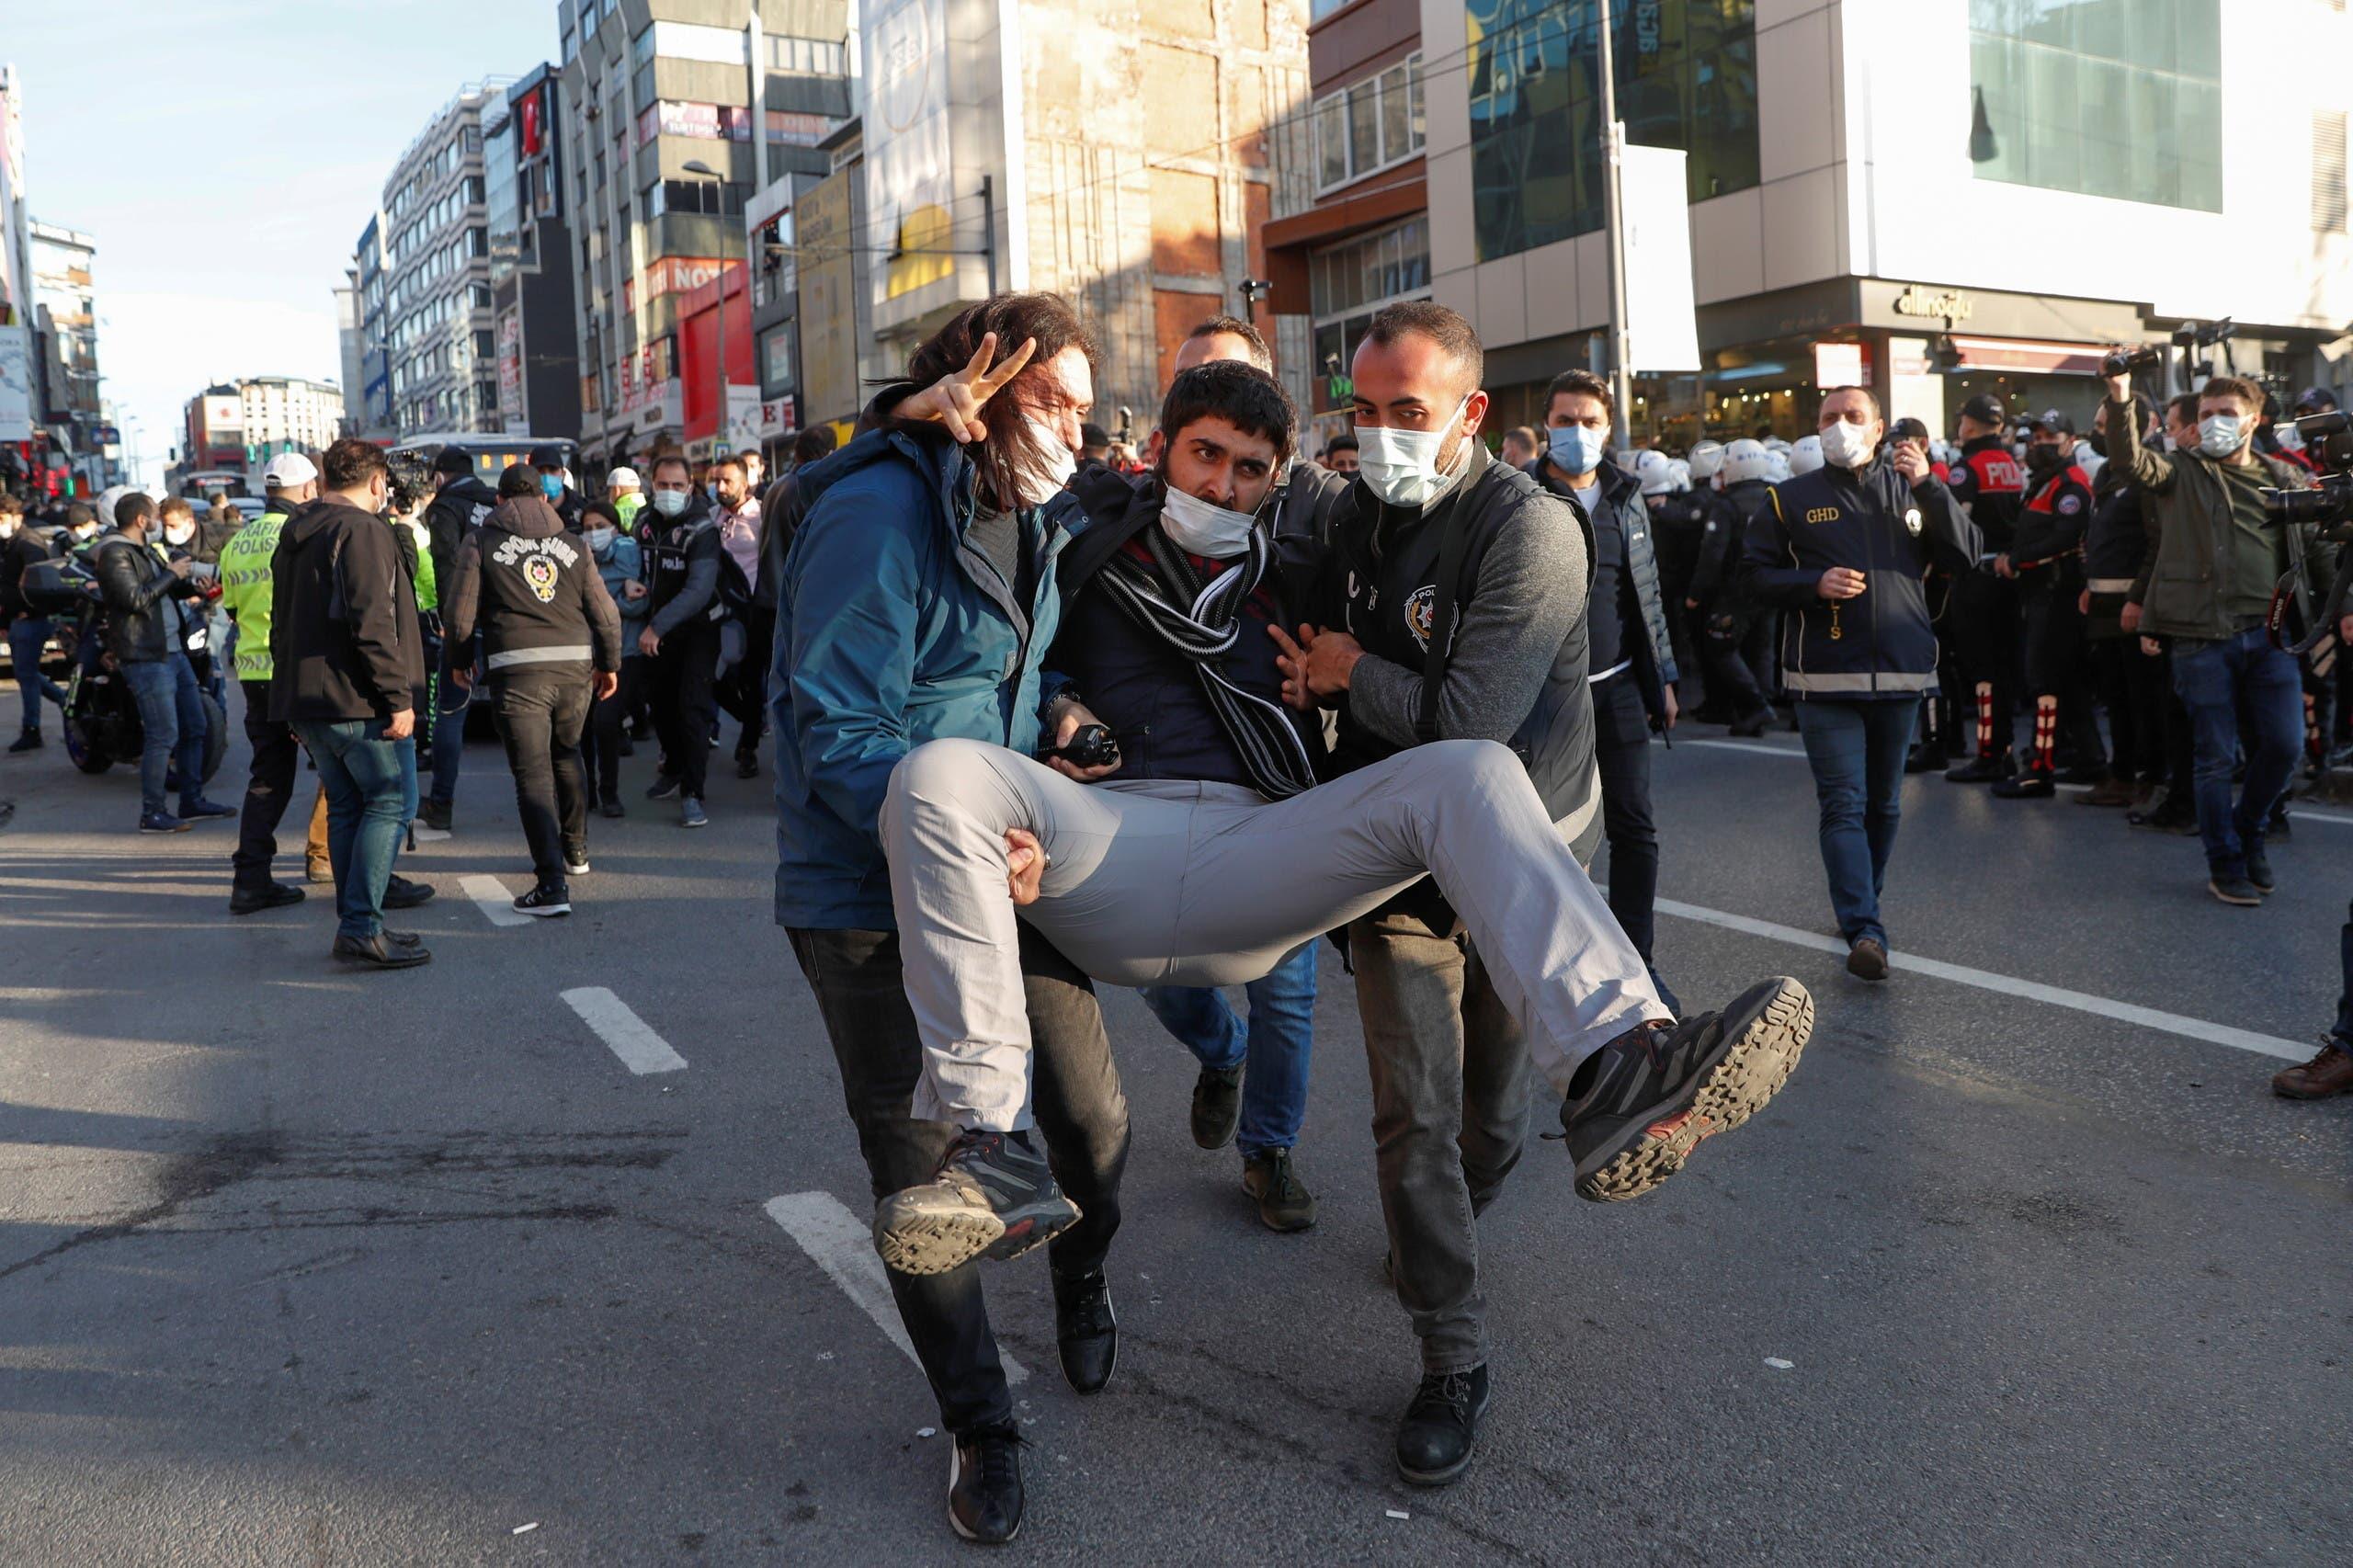 من احتجاجات جامعة بوغازيتشي يوم 4 فبراير